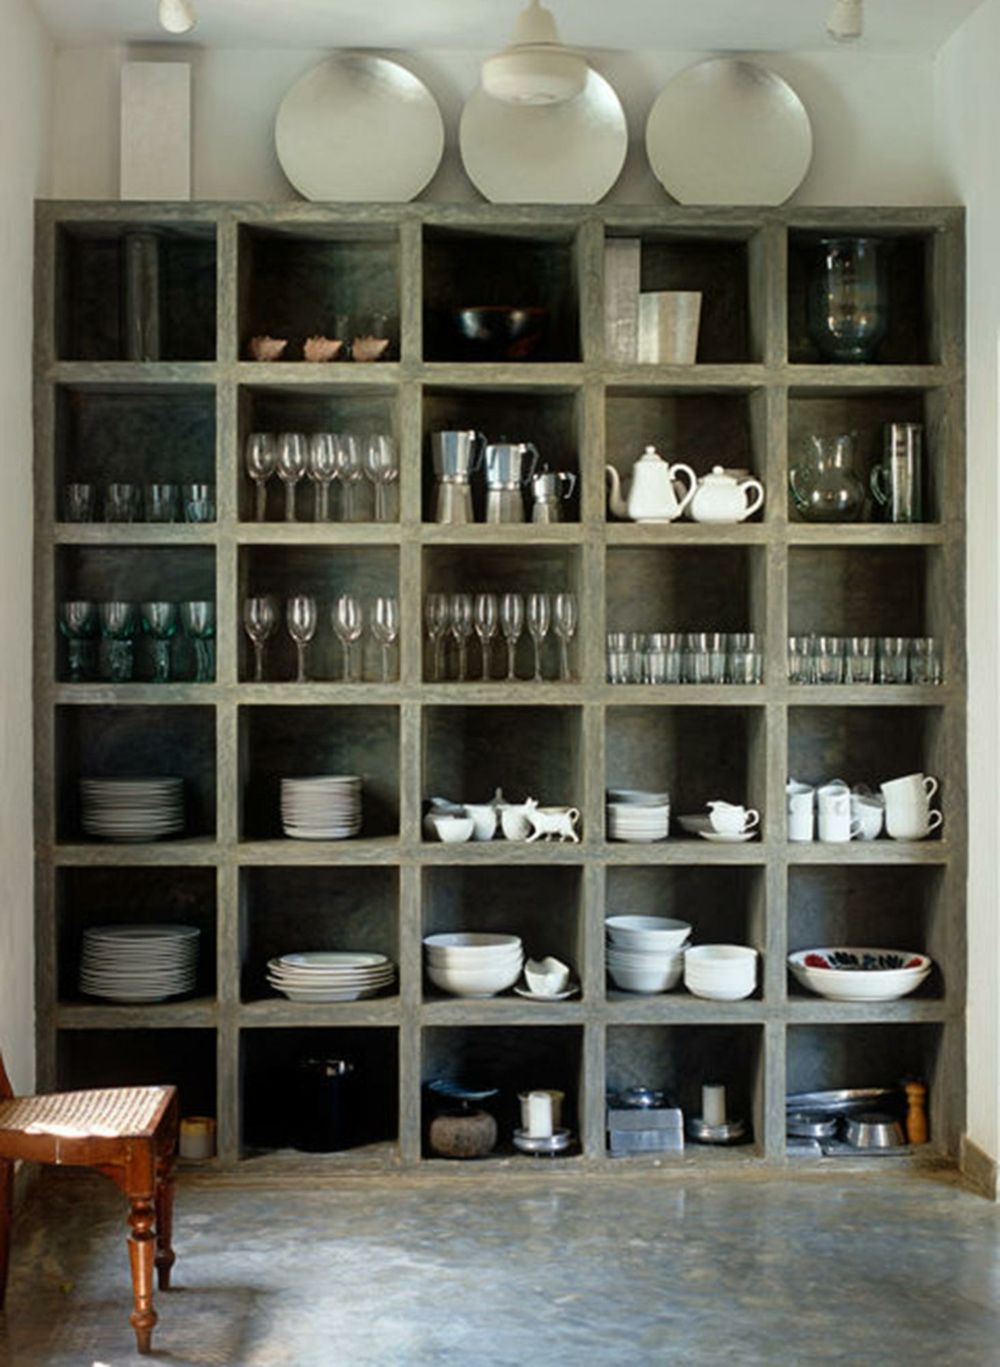 Küchenzubehör Utensilien vorgesehenen Platz